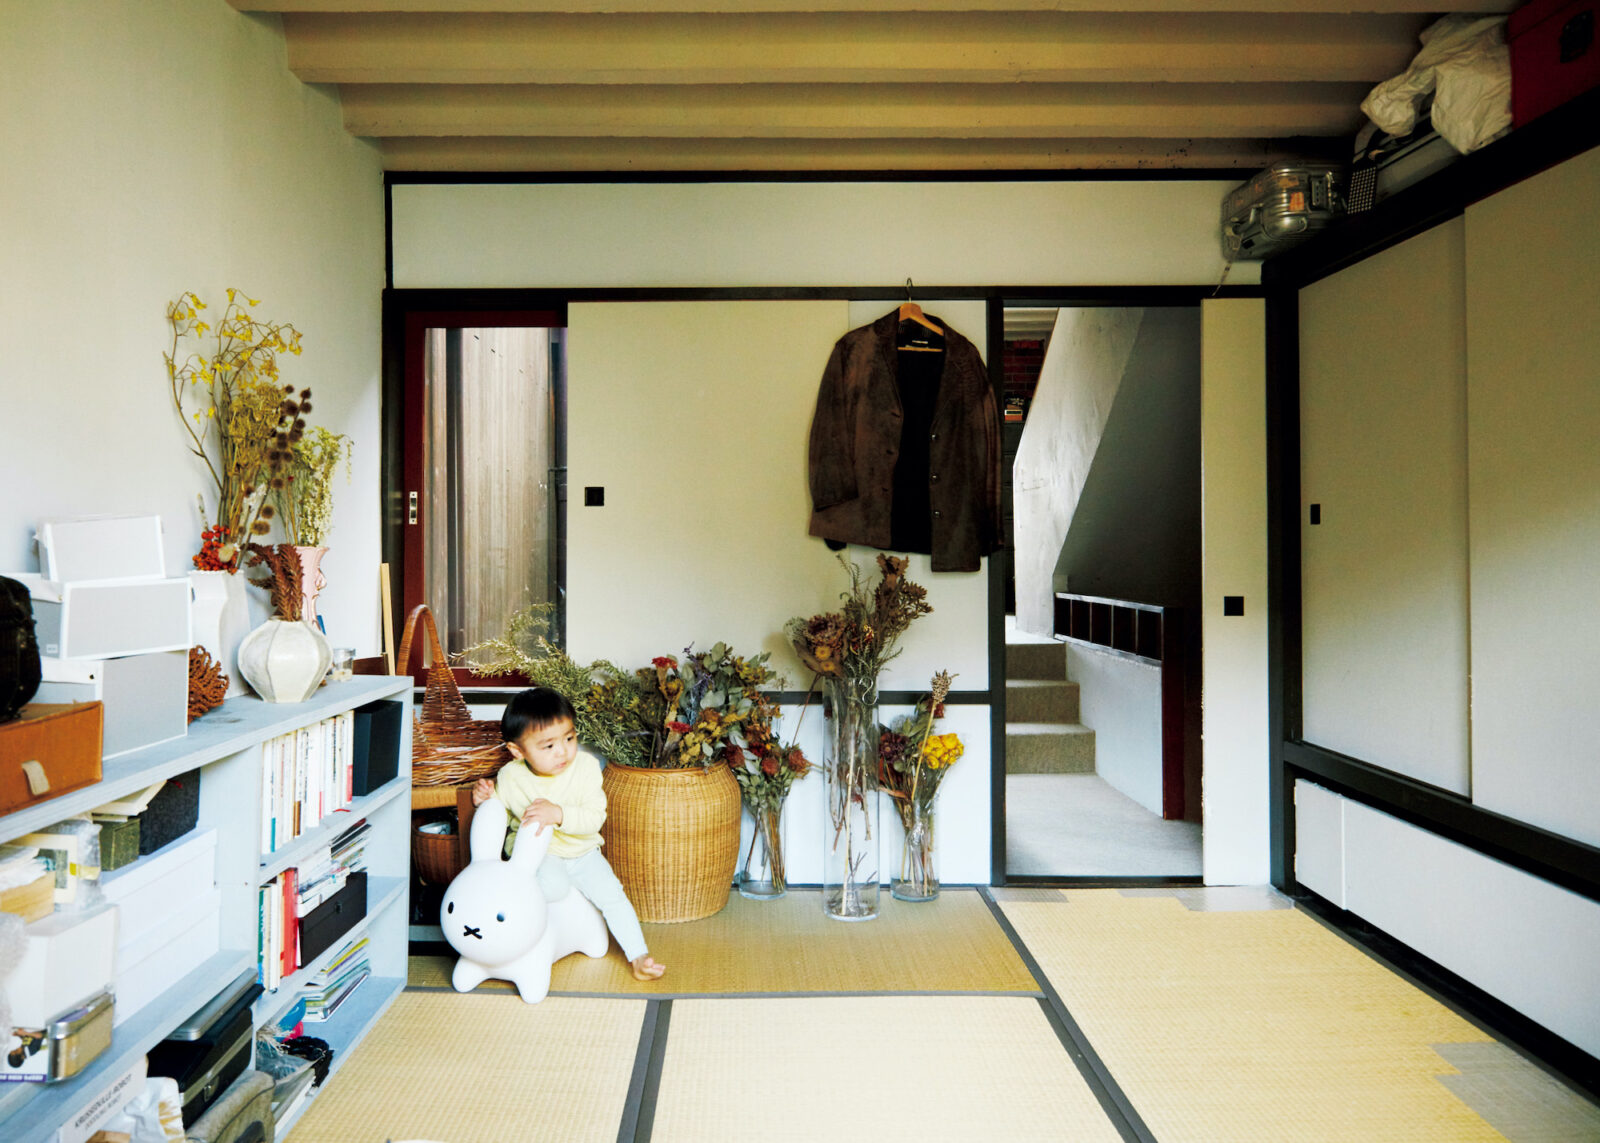 2階の6畳の和室。欄間などの「和」の装飾がなく、和室の天井もコンクリートのボールド天井になっている。「モダンですよね。今まで和室が欲しいと思ったことはなかったけど、やっぱり一部屋あると便利ですね。ゲストルームとしても使っています」